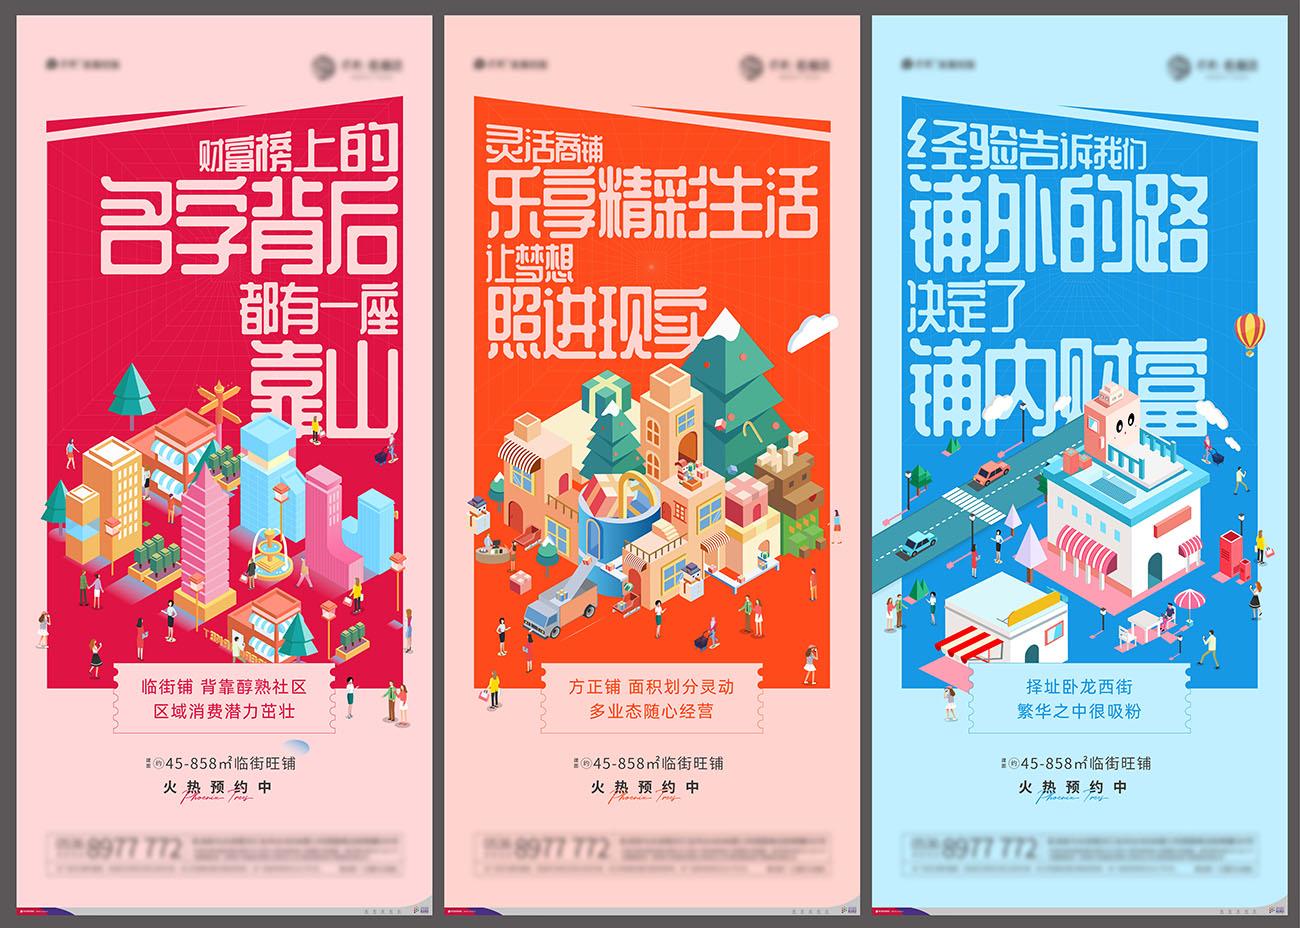 地产商铺临街旺铺人潮业态价值点系列海报AI源文件插图